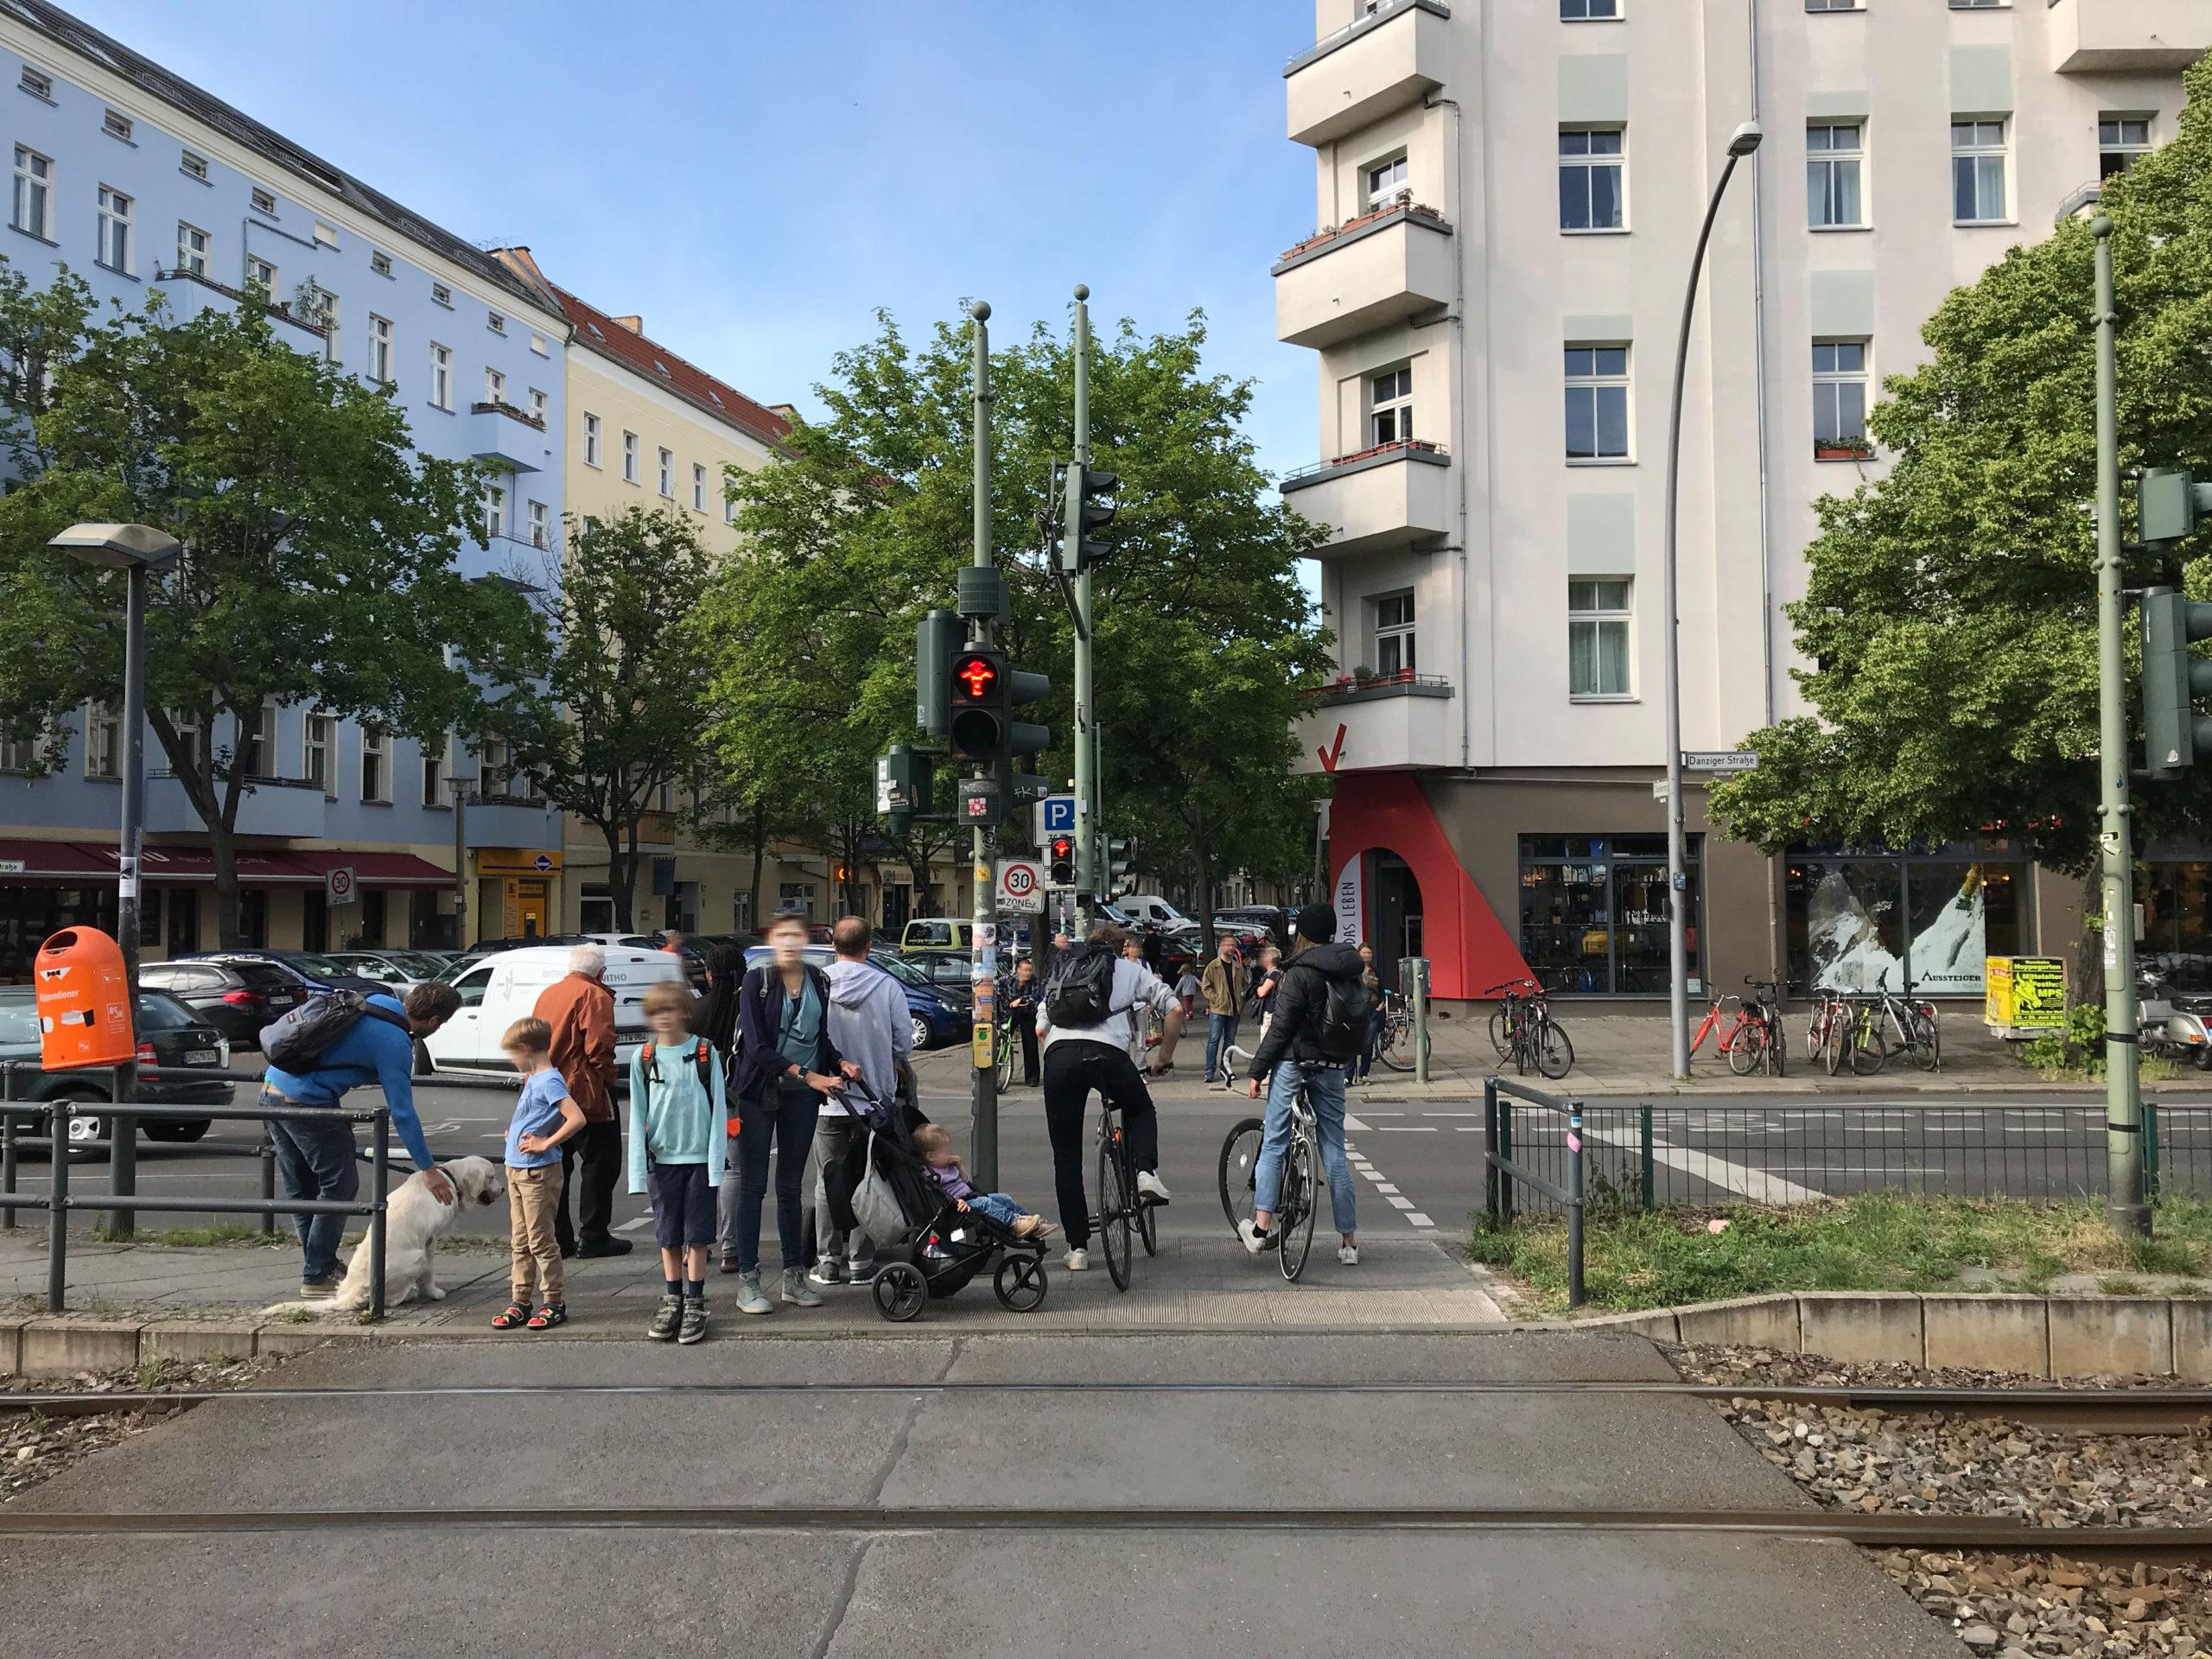 Fußgängerüberweg mit zu kurzer Ampelphase für die aktiven Verkehrsteilnehmer:innen   Foto: Marlene Sattler · EXPERI